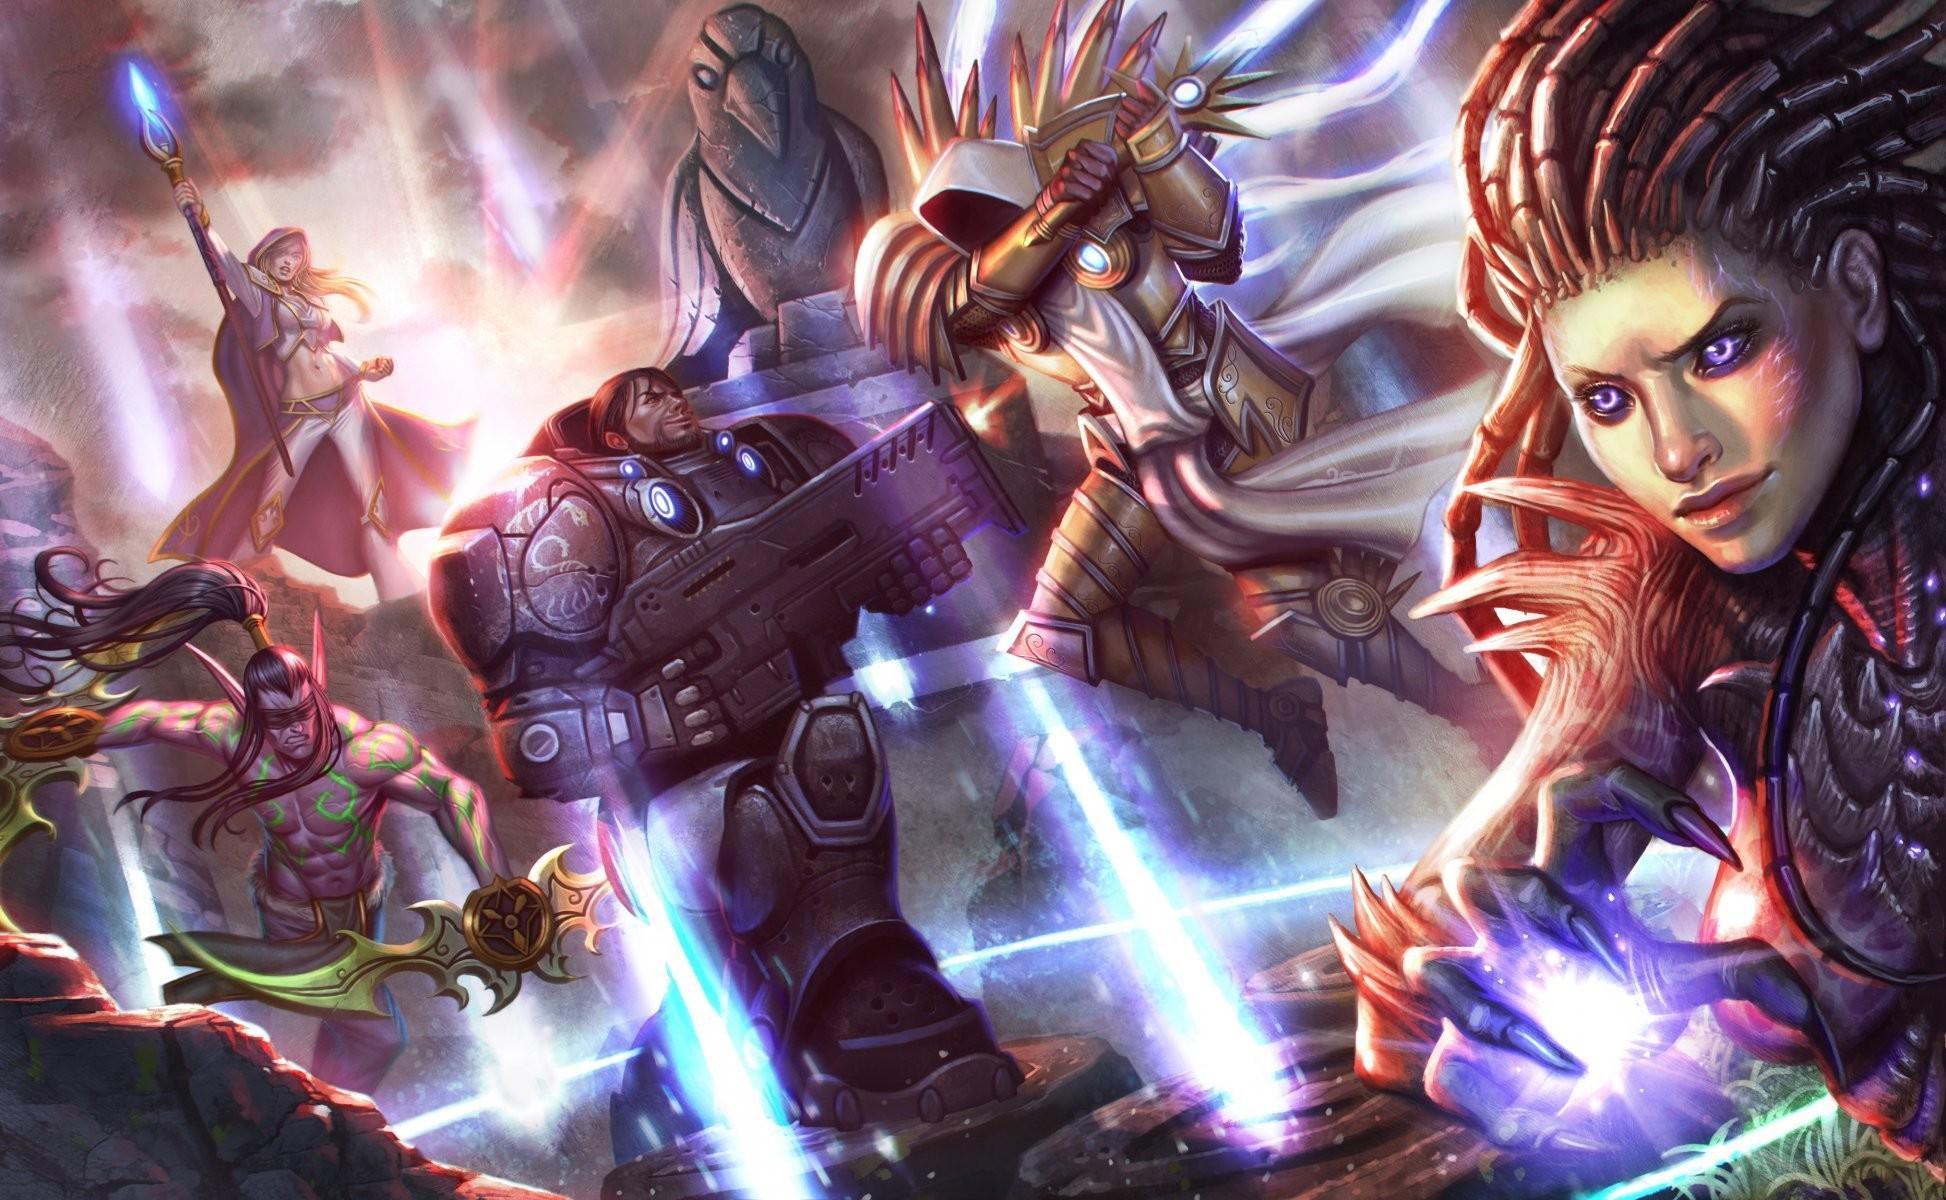 heroes of the storm tyrael archangel of justice starcraft sarah kerrigan  jim raynor illidan stormrage jaina